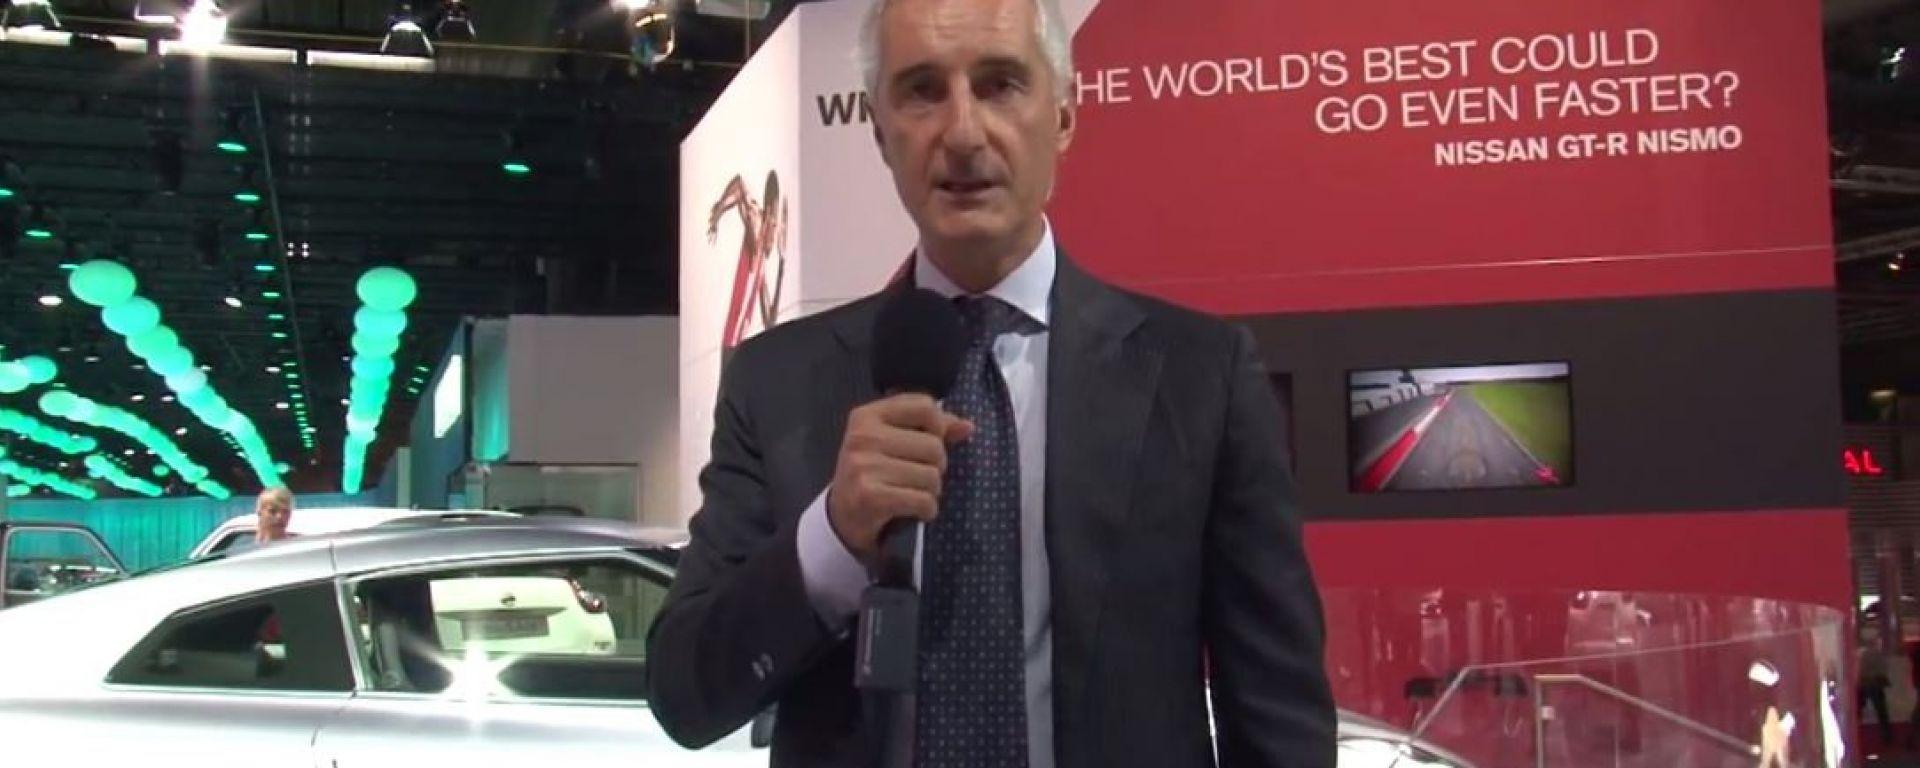 Salone di Parigi 2014, lo stand Nissan